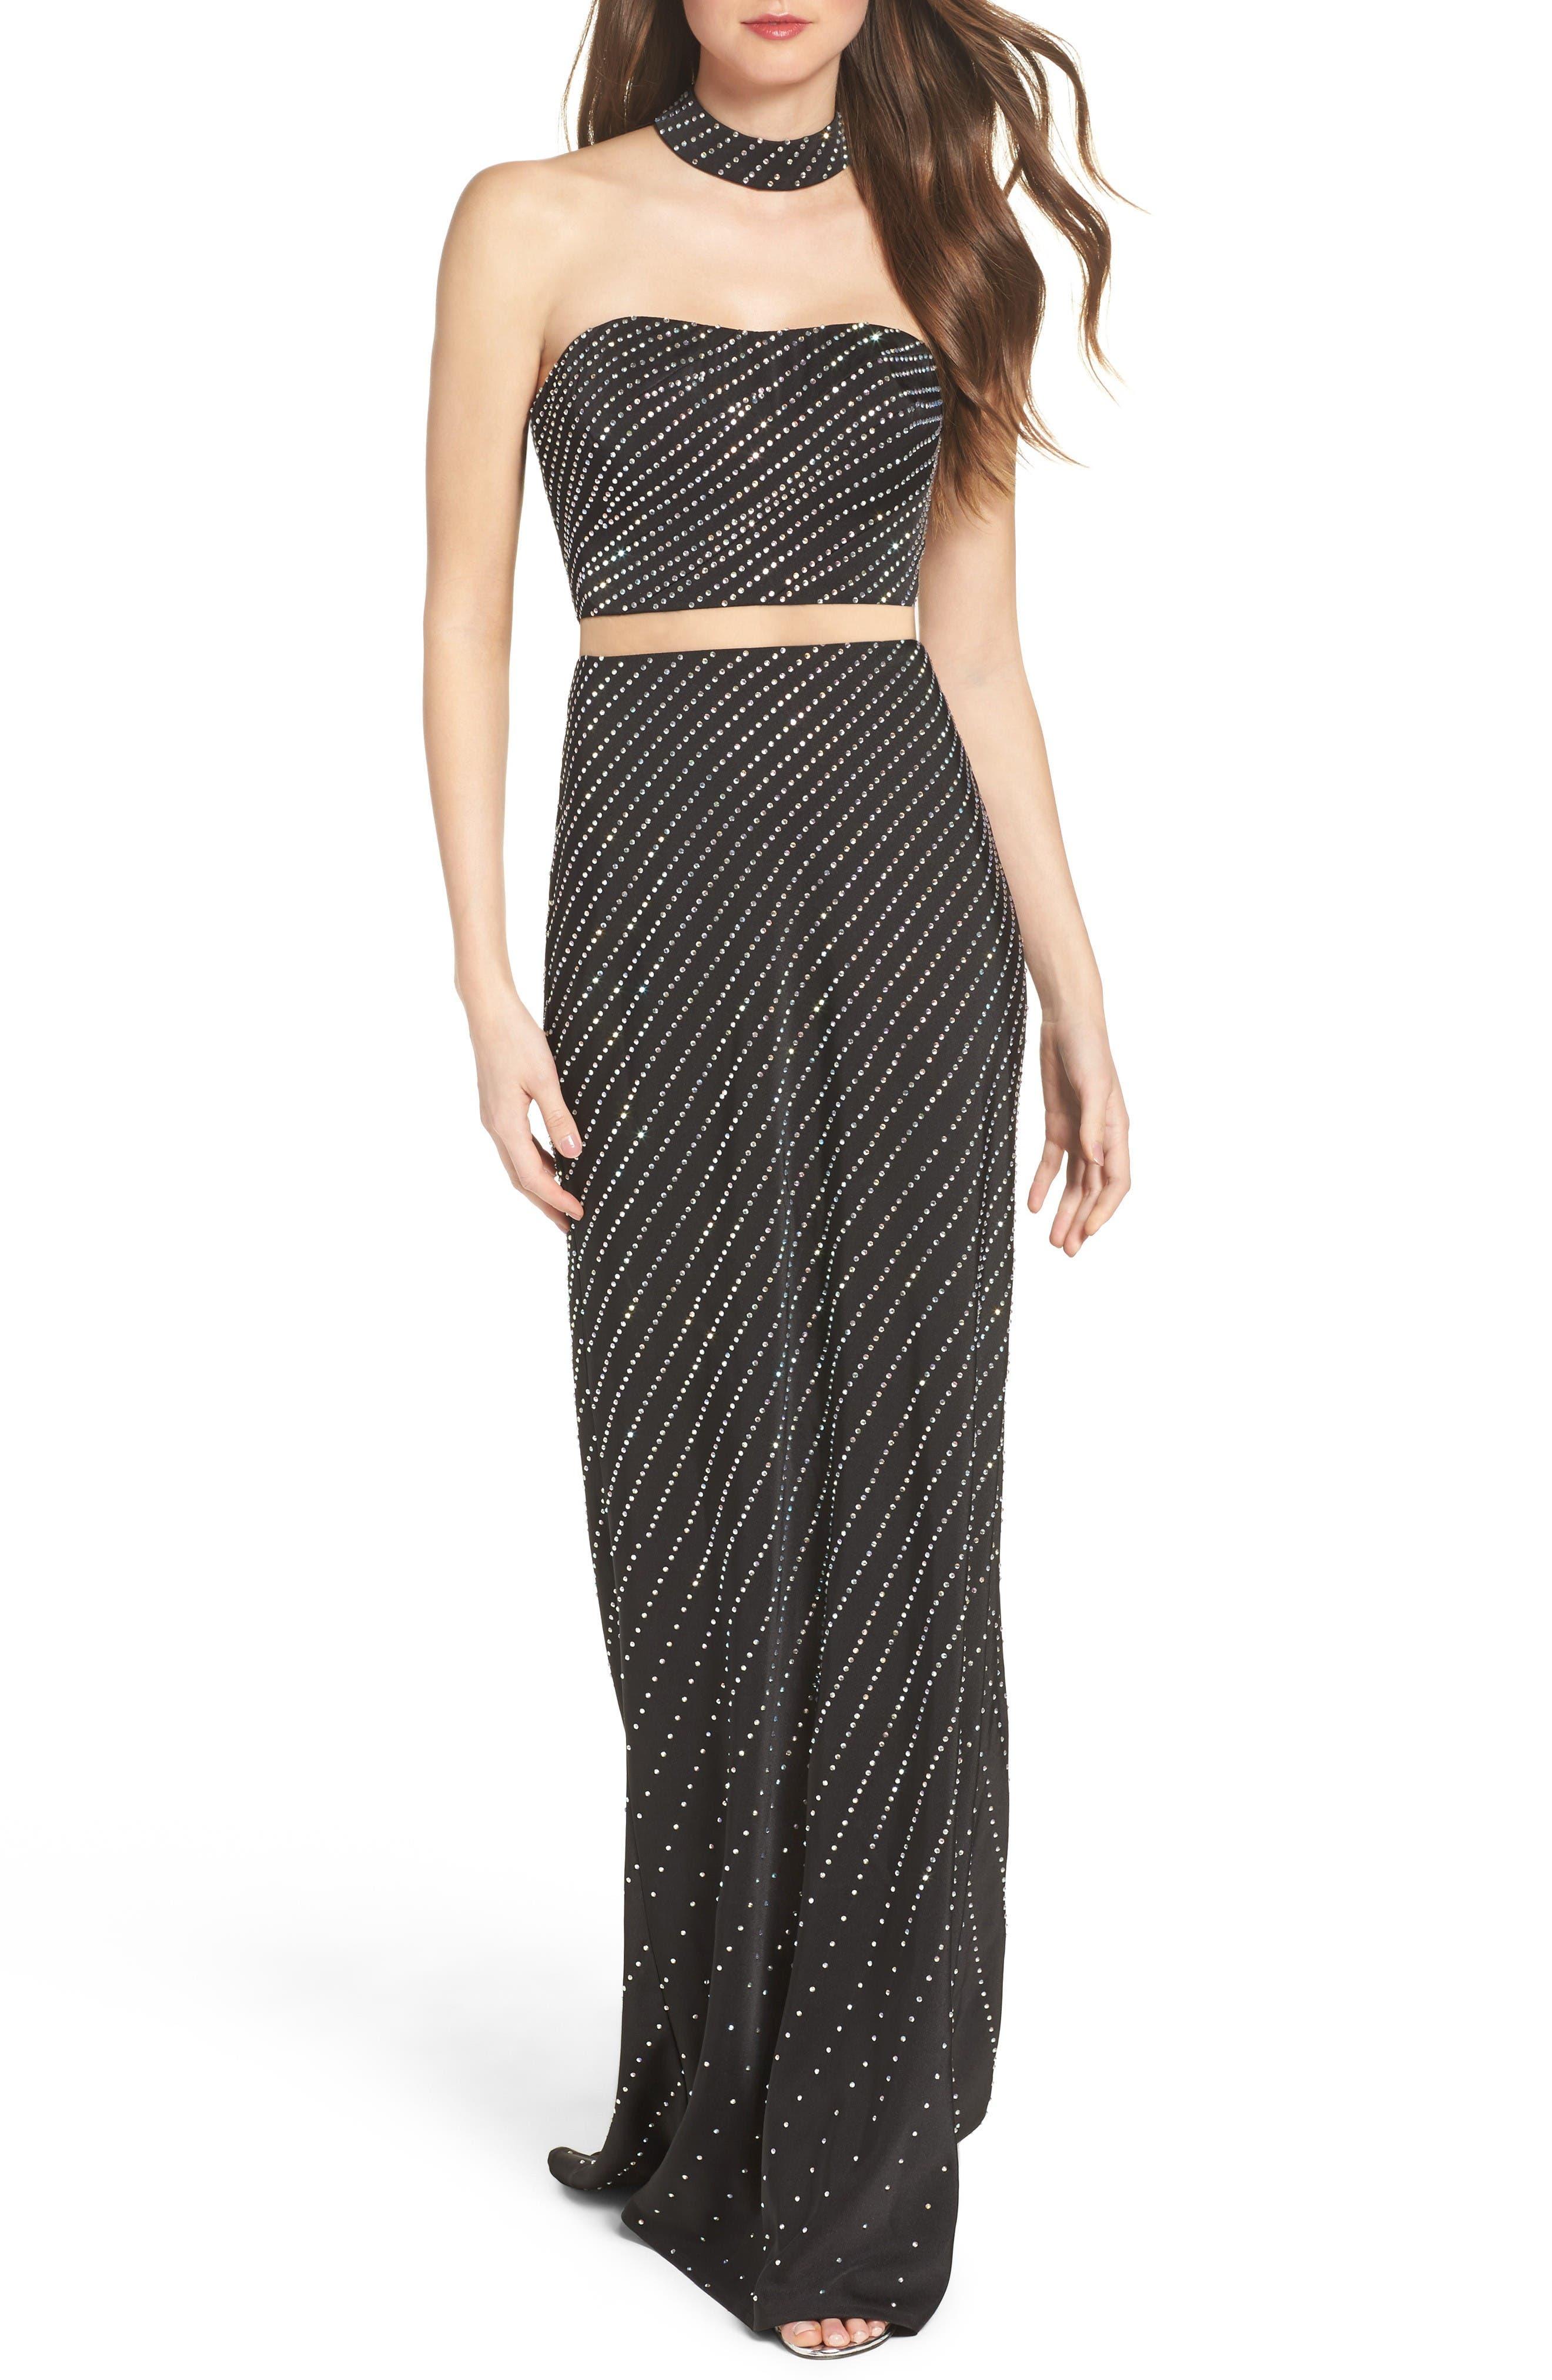 La Femme Embellished Illusion Gown